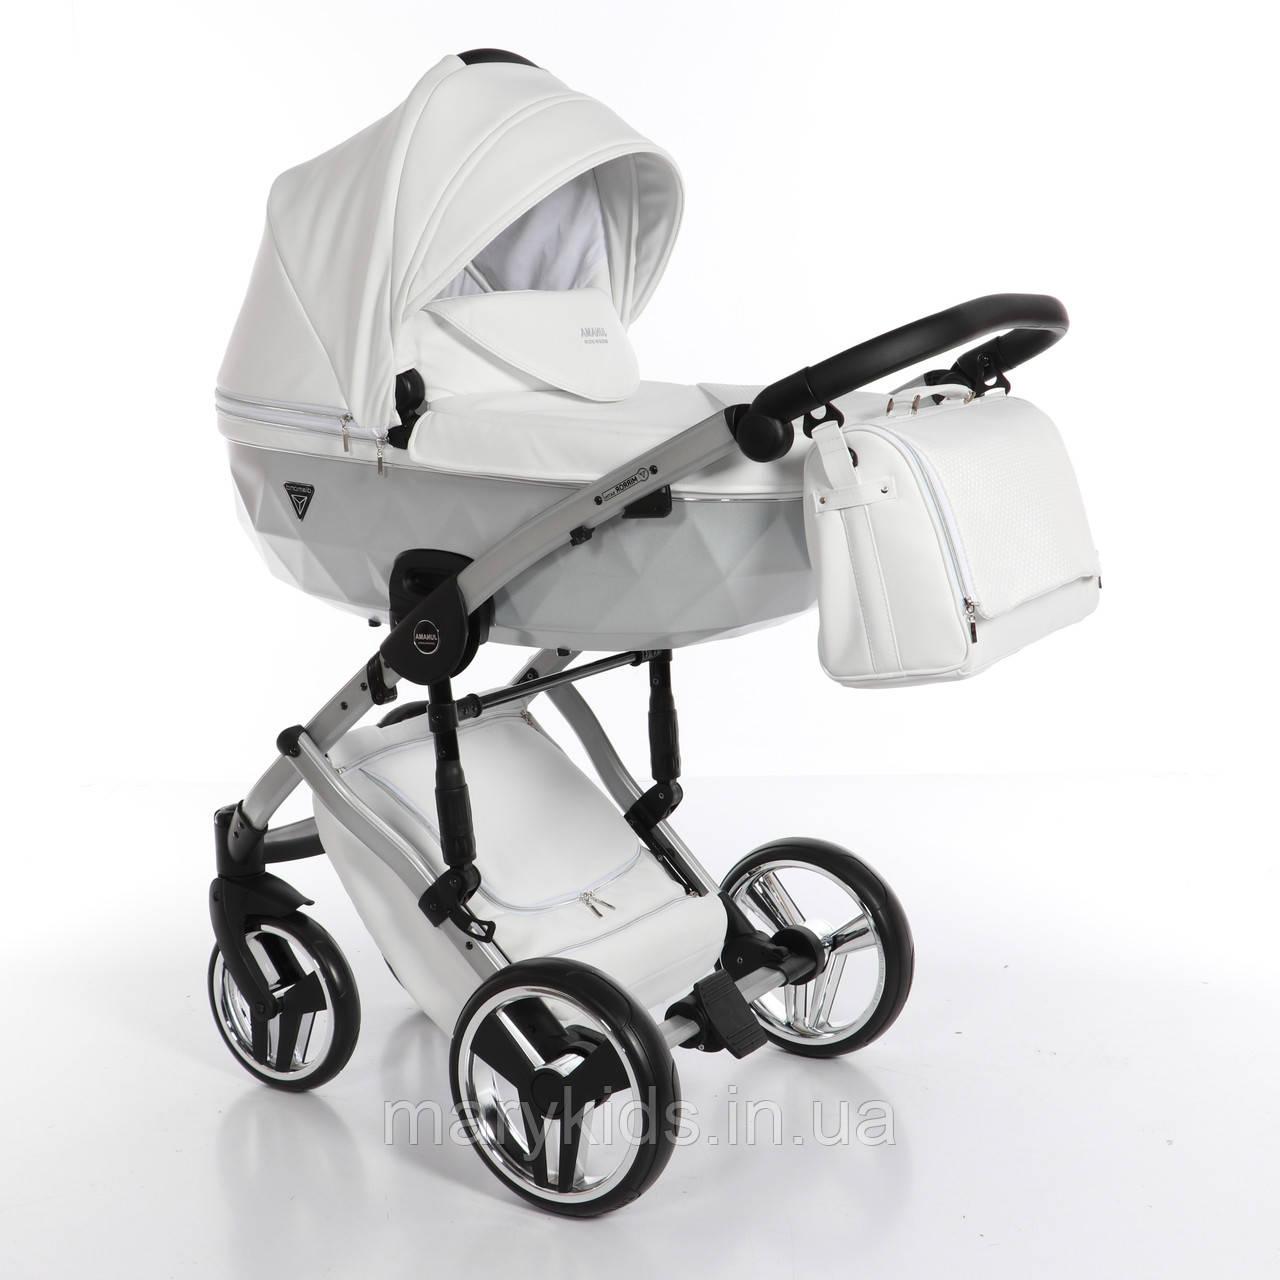 Детская универсальная коляска 2 в 1 Junama Mirror Satin 04